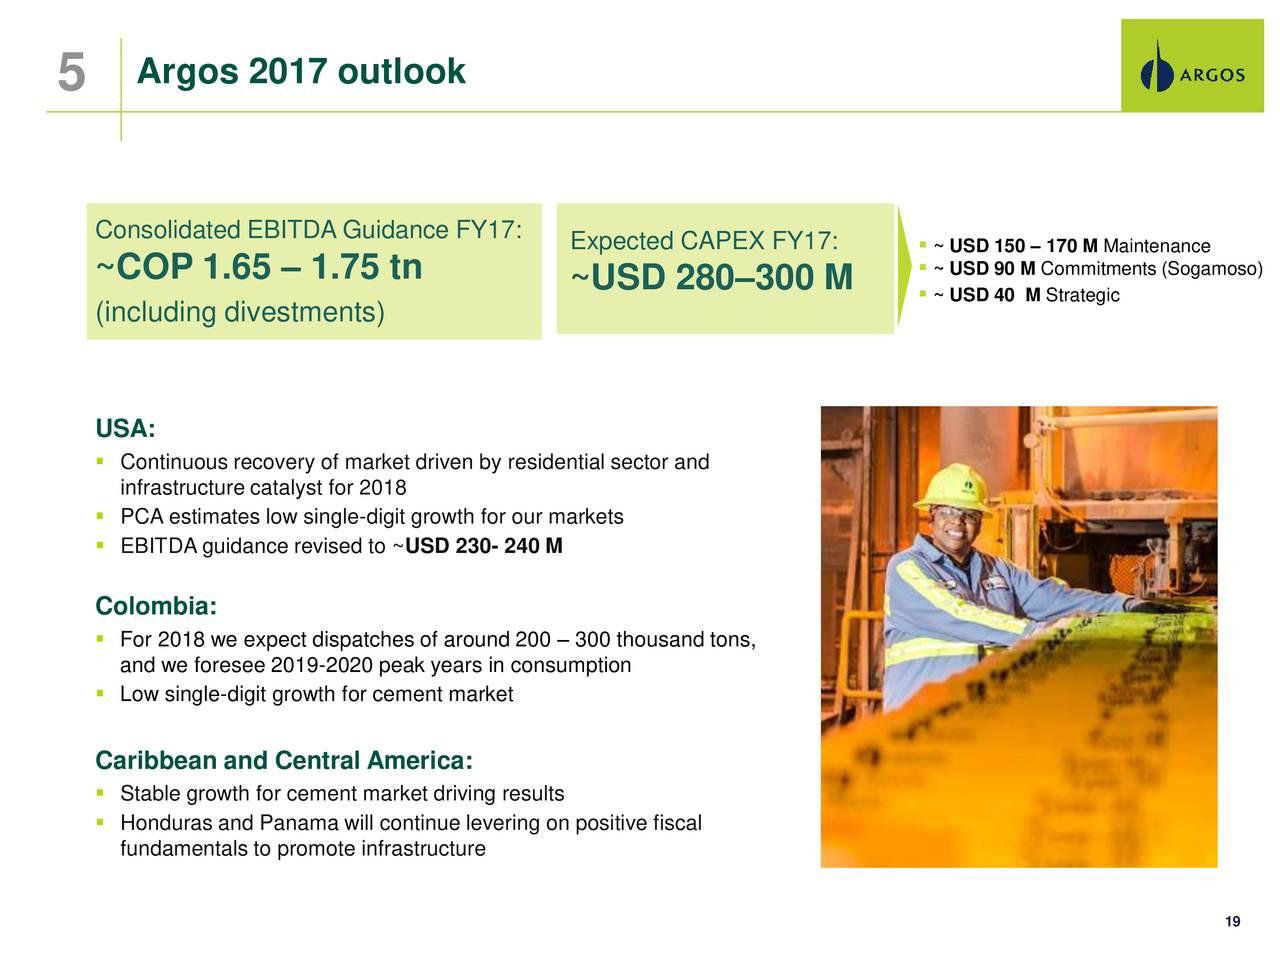 Cementos Argos SA ADR 2017 Q3